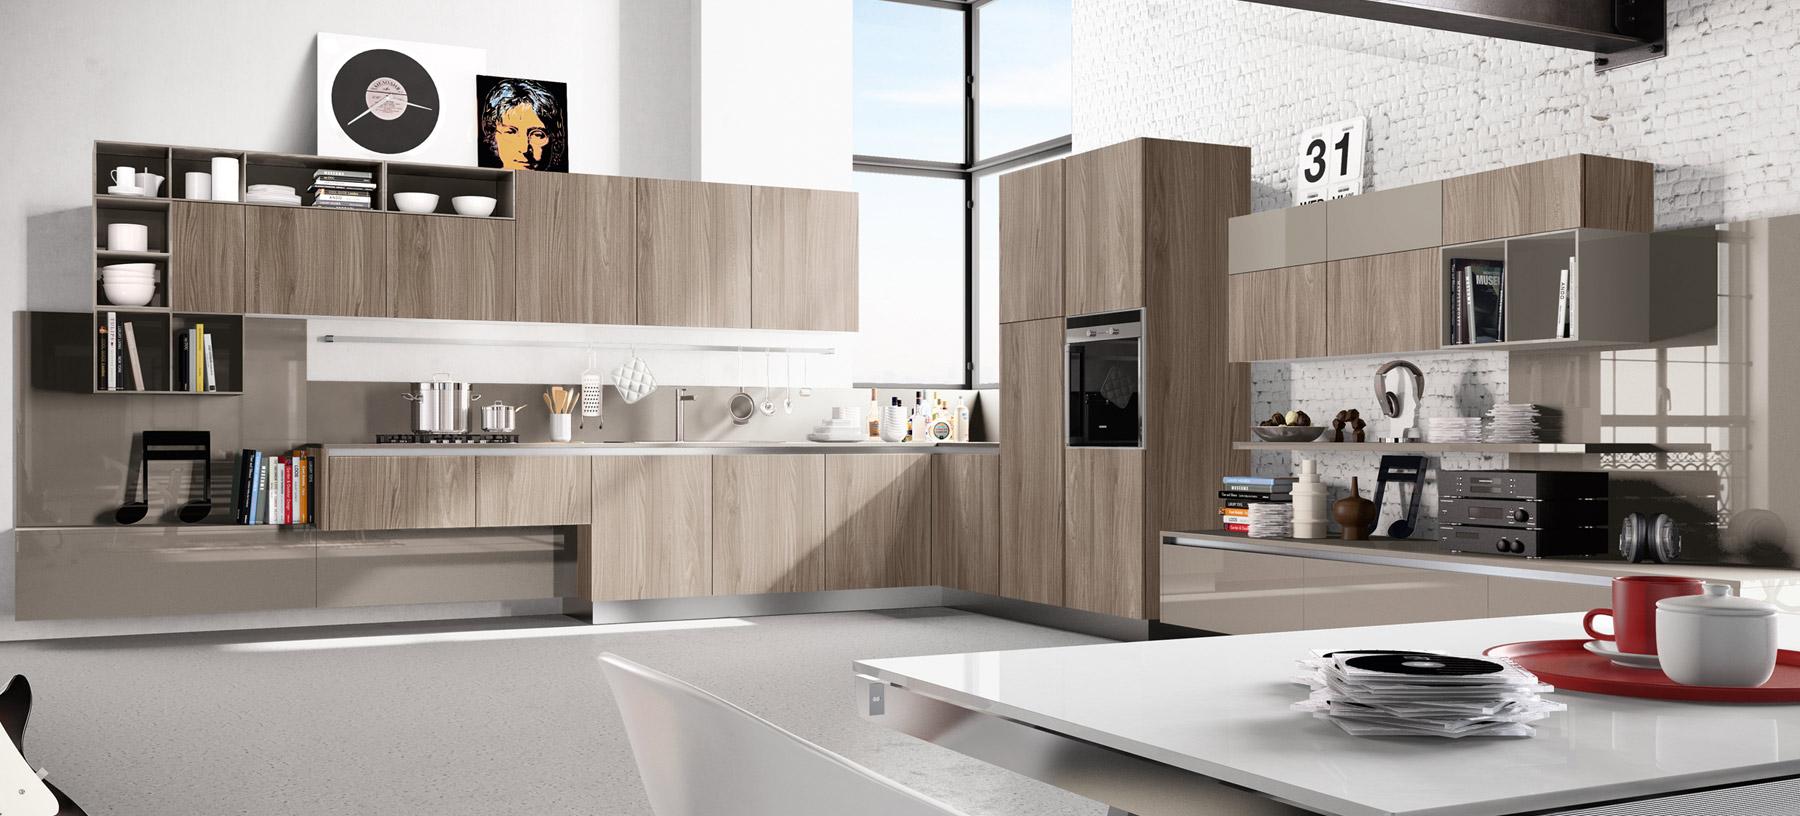 kitchen designs that pop modern kitchen designs